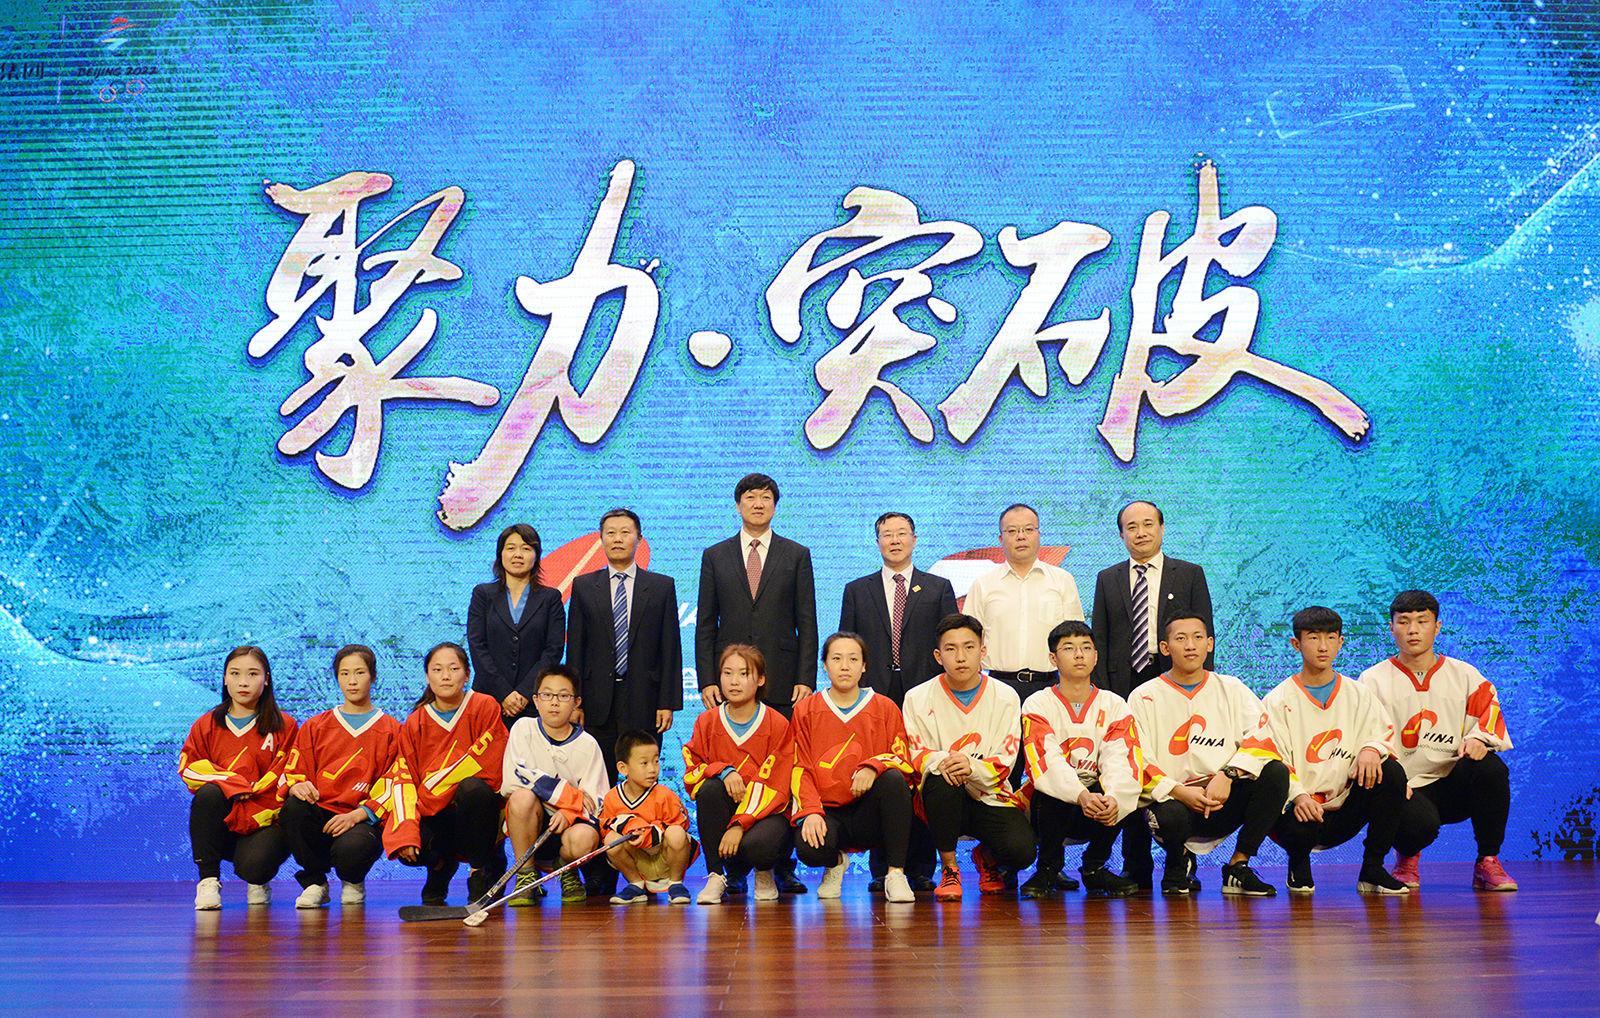 中国冰球协会与首钢达成战略合作 共同保障国家队建设